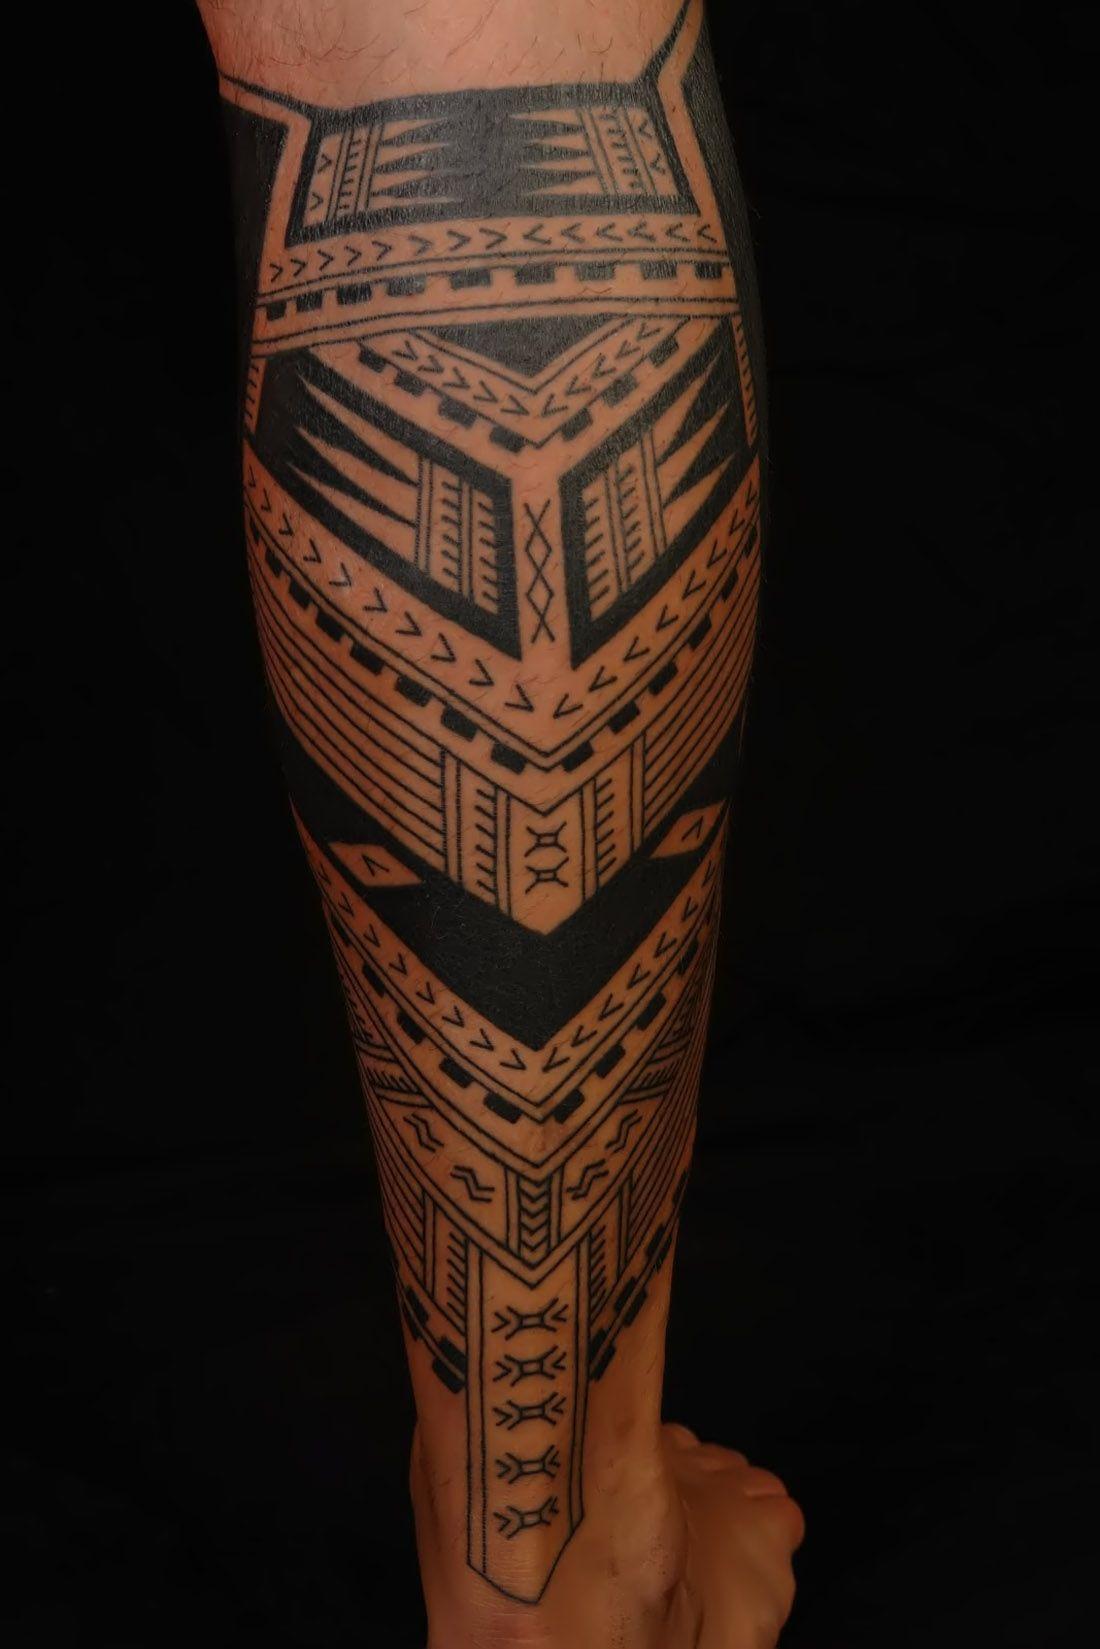 Lower leg guys traditional sleeve tattoos - Samoan Tattoos For Men Men S Leg Tattooslower